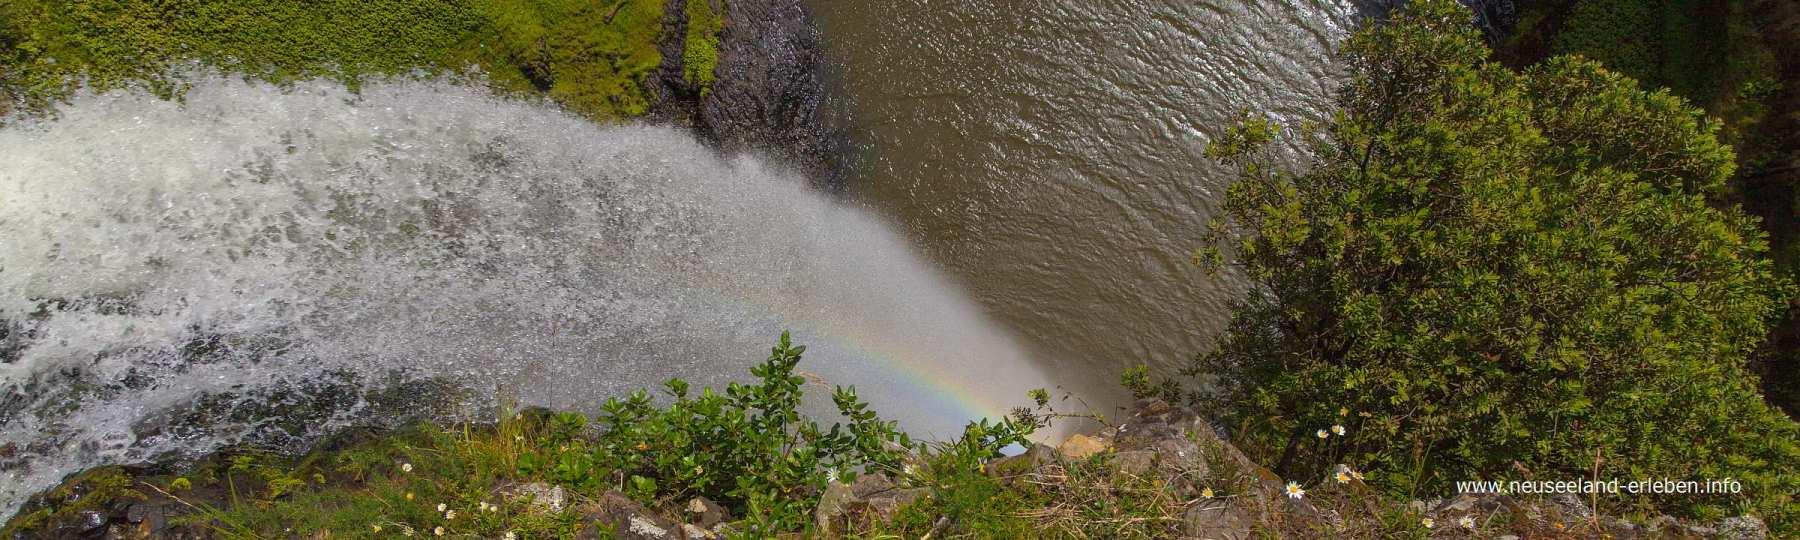 Bridal Veil Falls - Wasserfall auf Neuseeland mit Regenbogen-Effekt